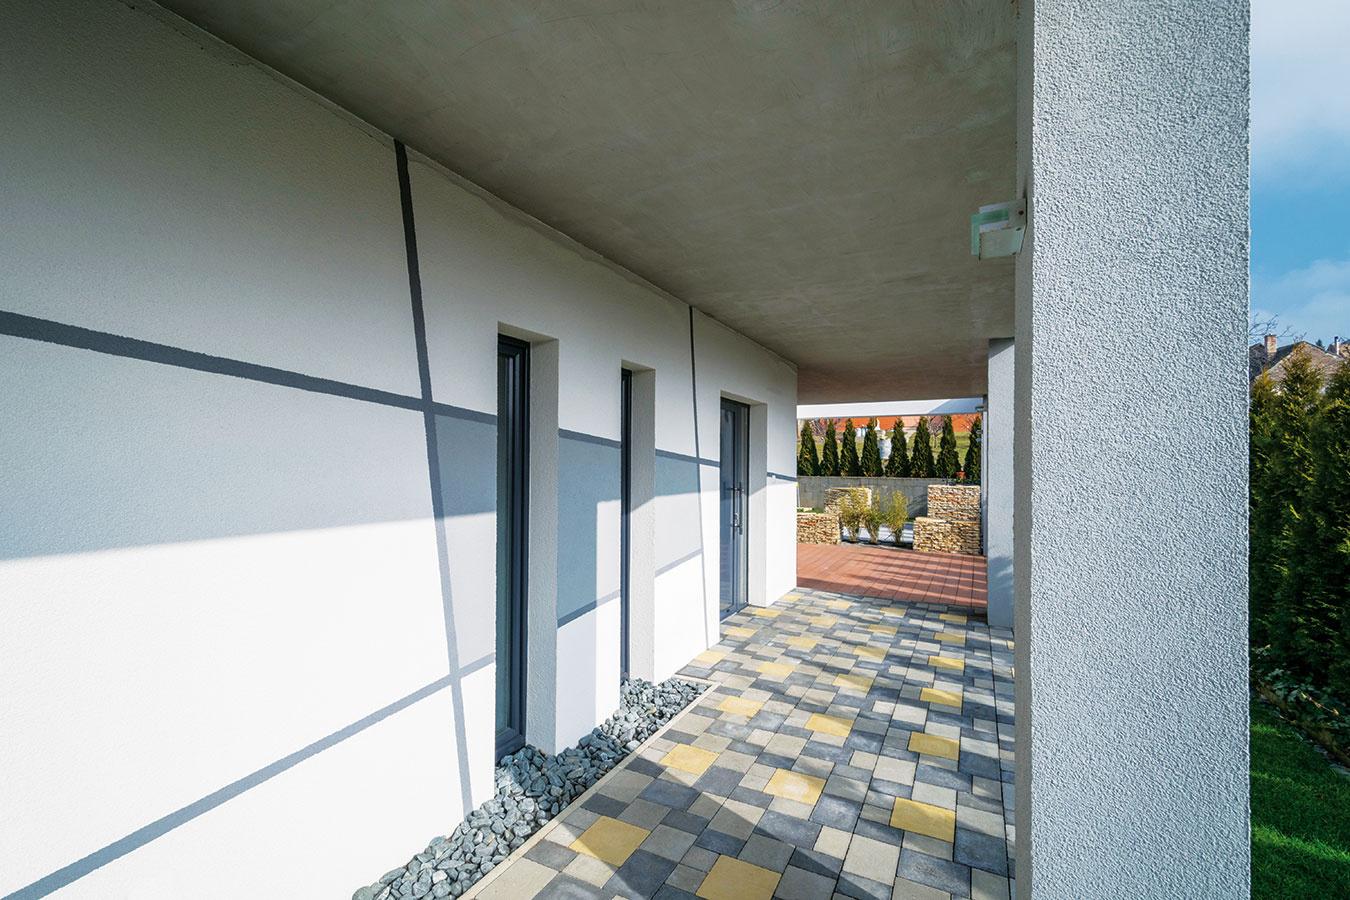 Decentná kombinácia sivej abielej kraľuje farebnému riešeniu fasády, dlažieb iďalších prvkov vexteriéri. Vmiestach, kde strecha presahuje ponad chodník popri dome aprekrýva terasu, je vstyku použitá výstuž sprerušeným tepelným mostom.